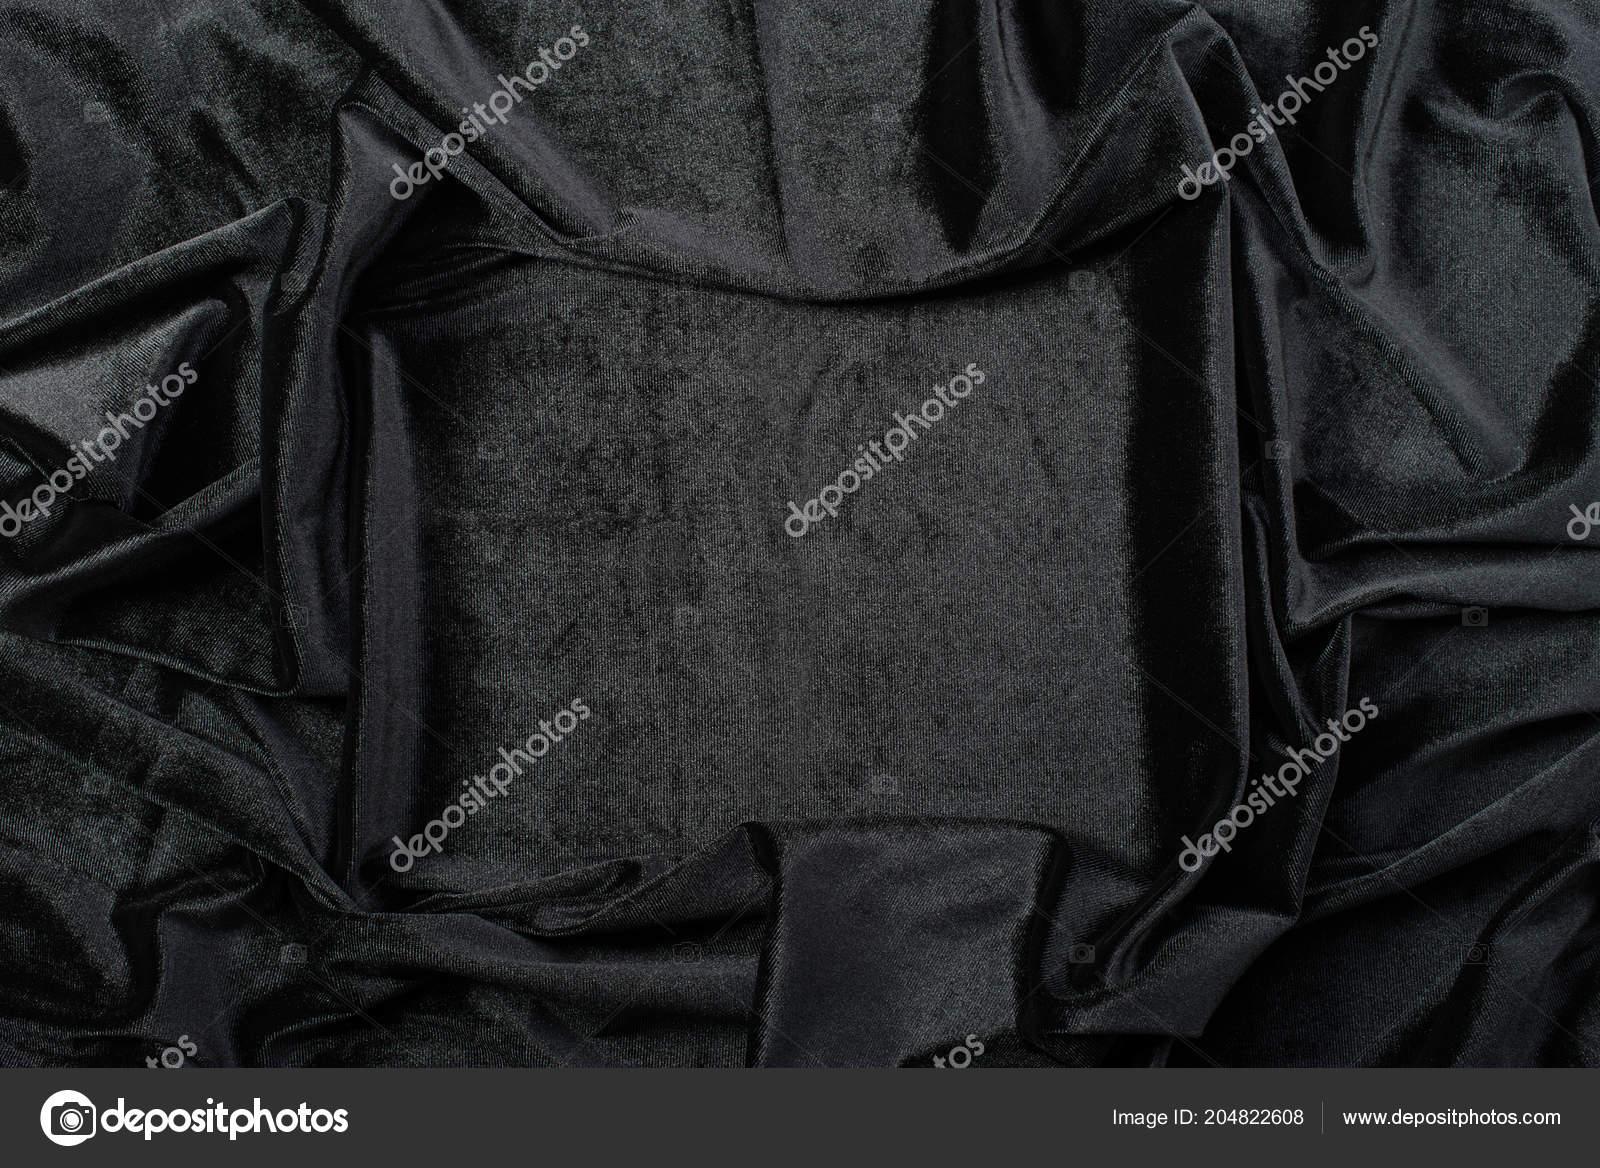 Gyűrött fekete bársony textúra háttér — Fotó szerzőtől smspsy b2f4102dfb